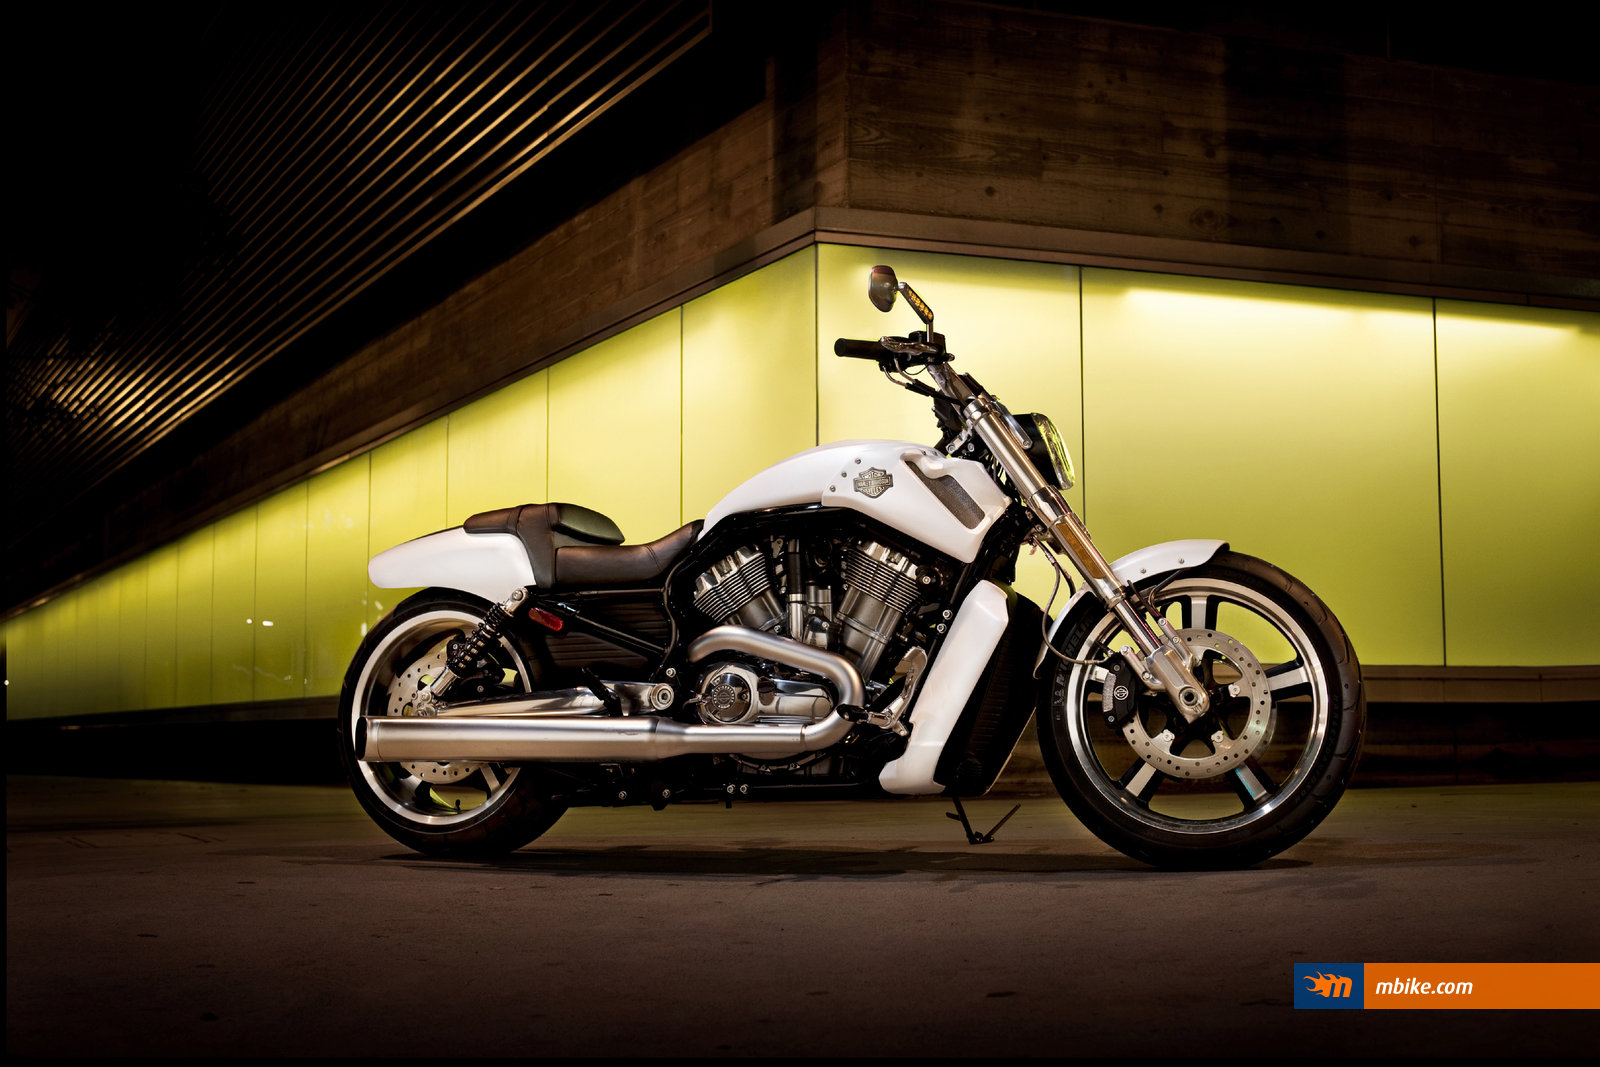 2011 Harley Davidson VRSCF V Rod Muscle Wallpaper   Mbikecom 1600x1067